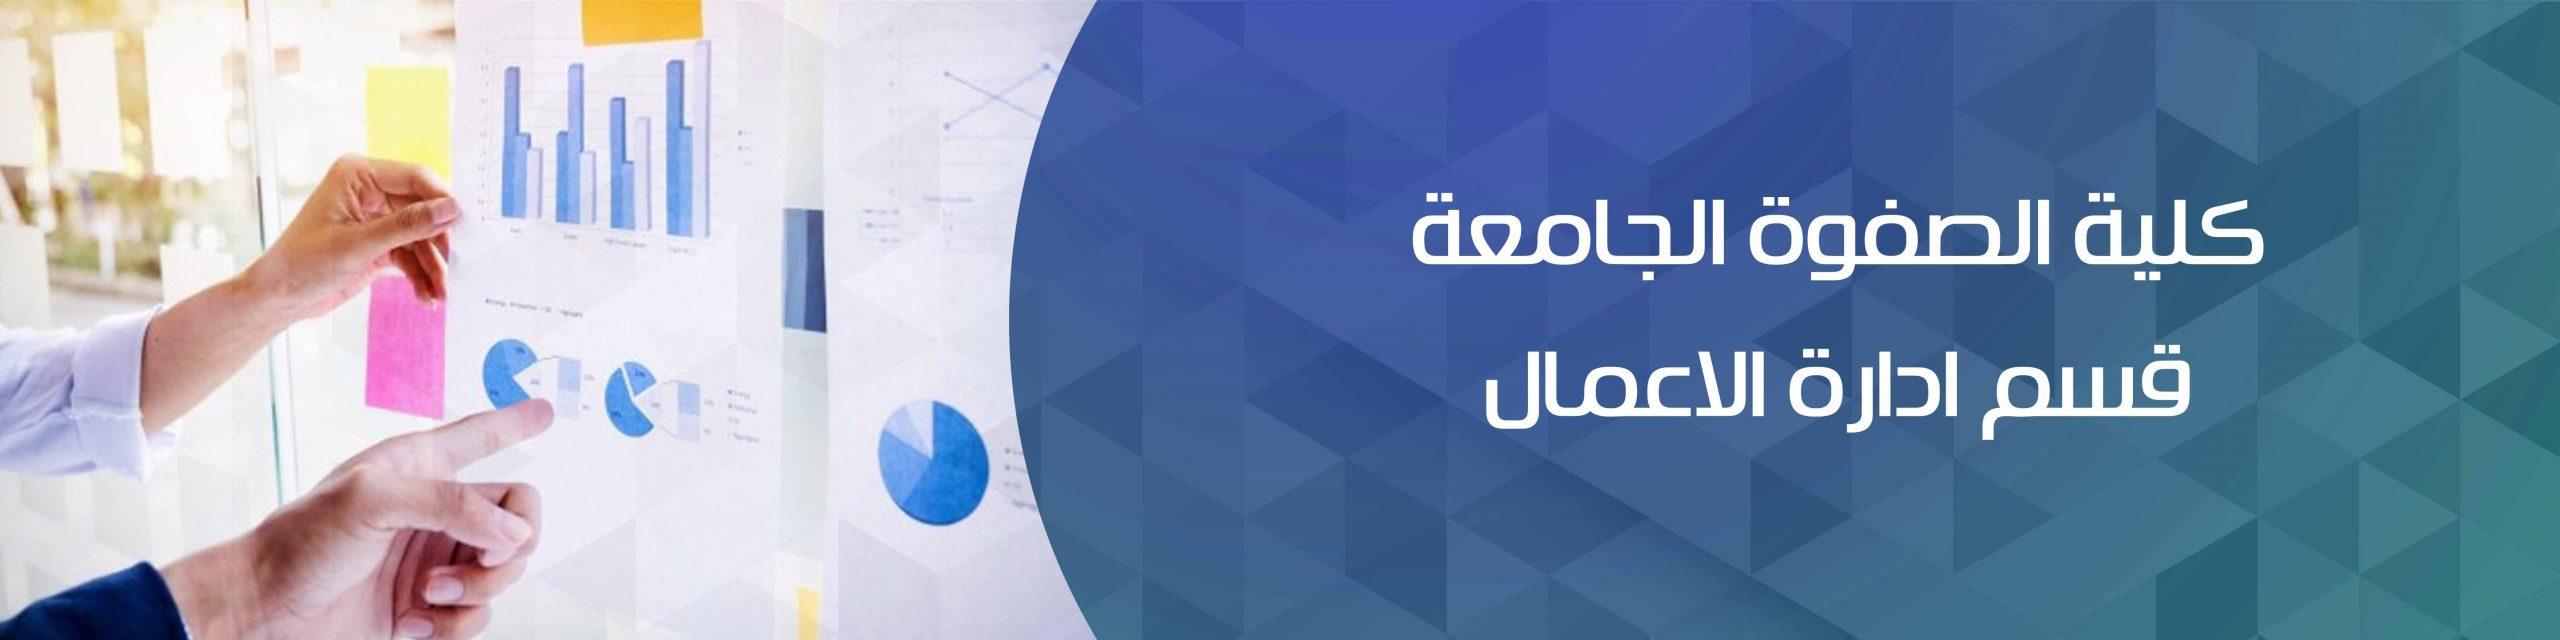 قسم ادارة الاعمال -كلية الصفوة الجامعة